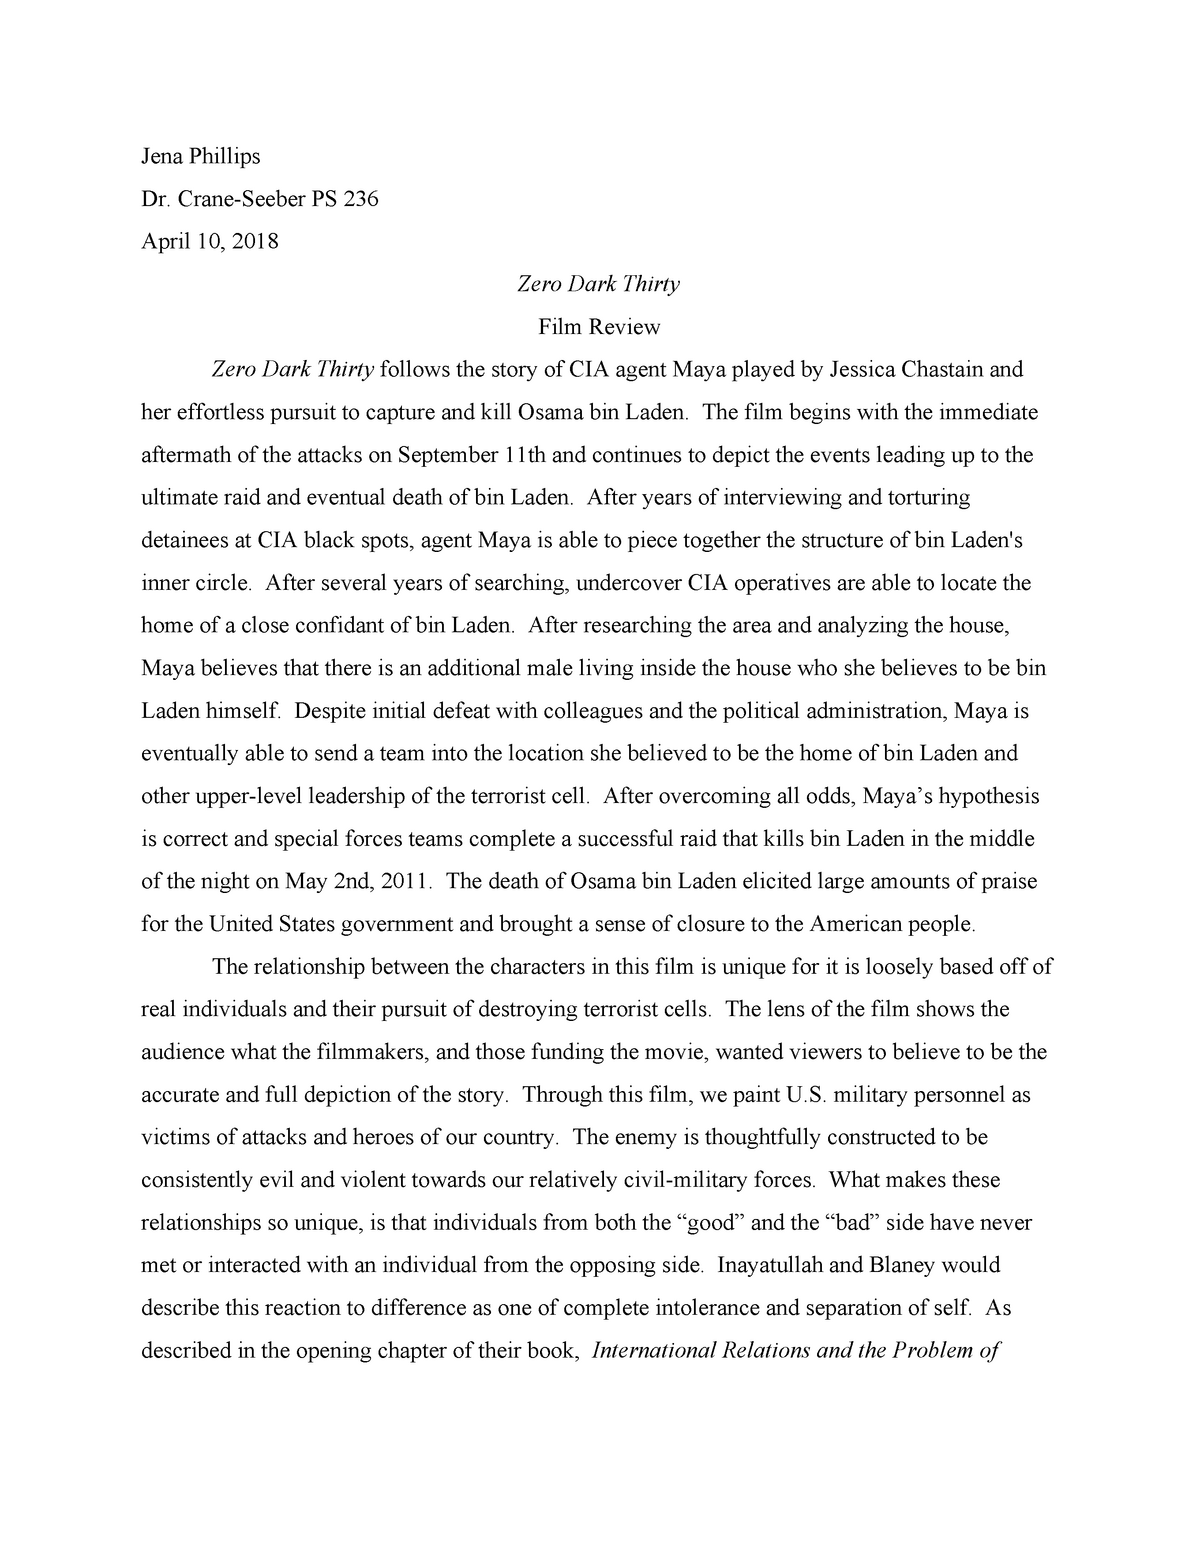 """Zero Dark Thirty"""" summary and analysis paper - PS 236 - StuDocu"""